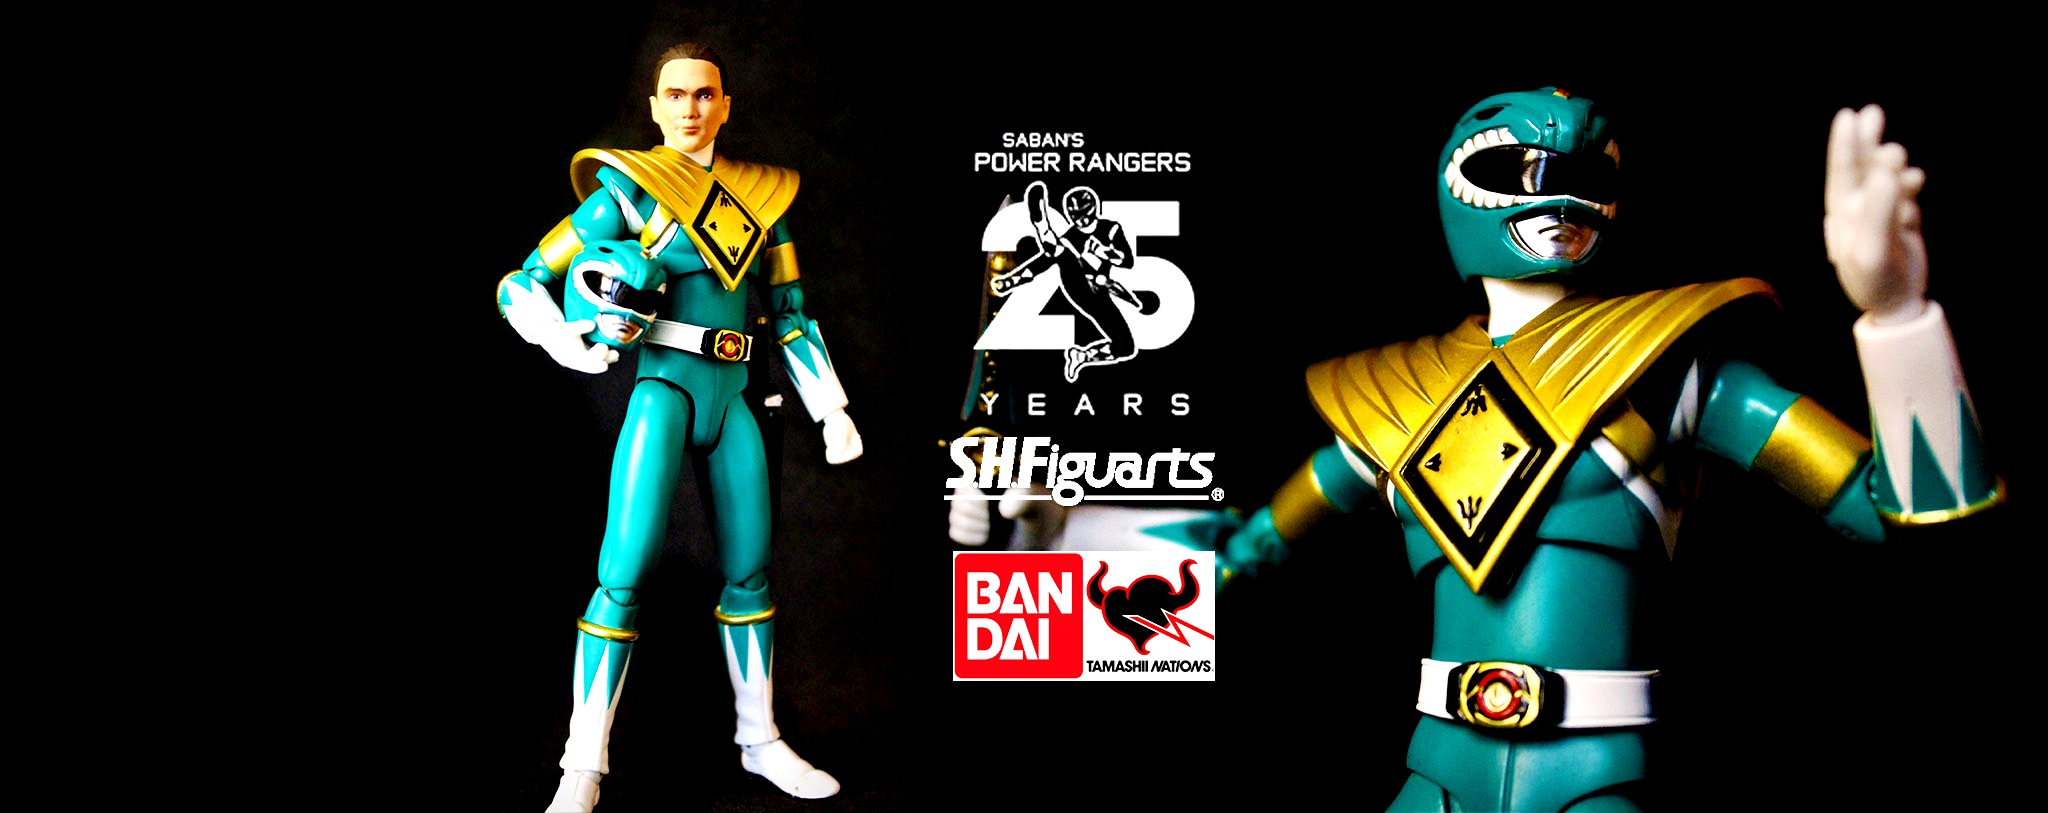 Recensione: Green Ranger – S.H. Figuarts di Tamashii Nations